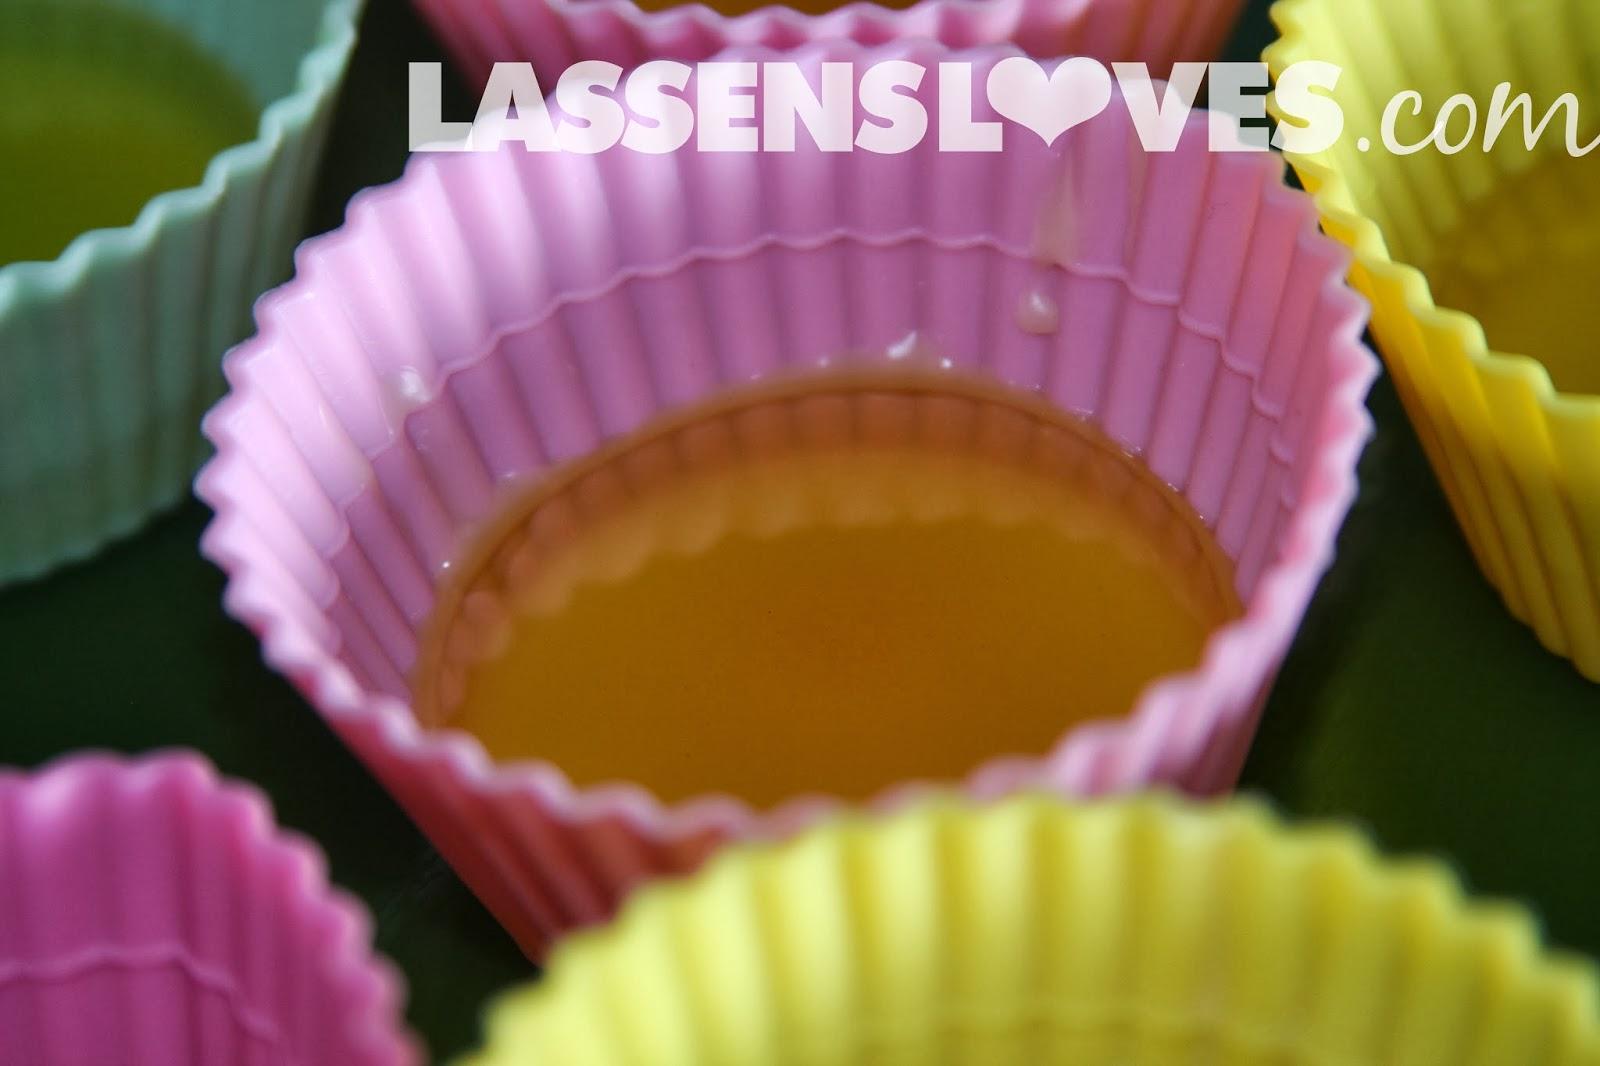 lassensloves.com, Lassen's, Lassens, DIY+lotion+bars, Skin+Repair+Bars